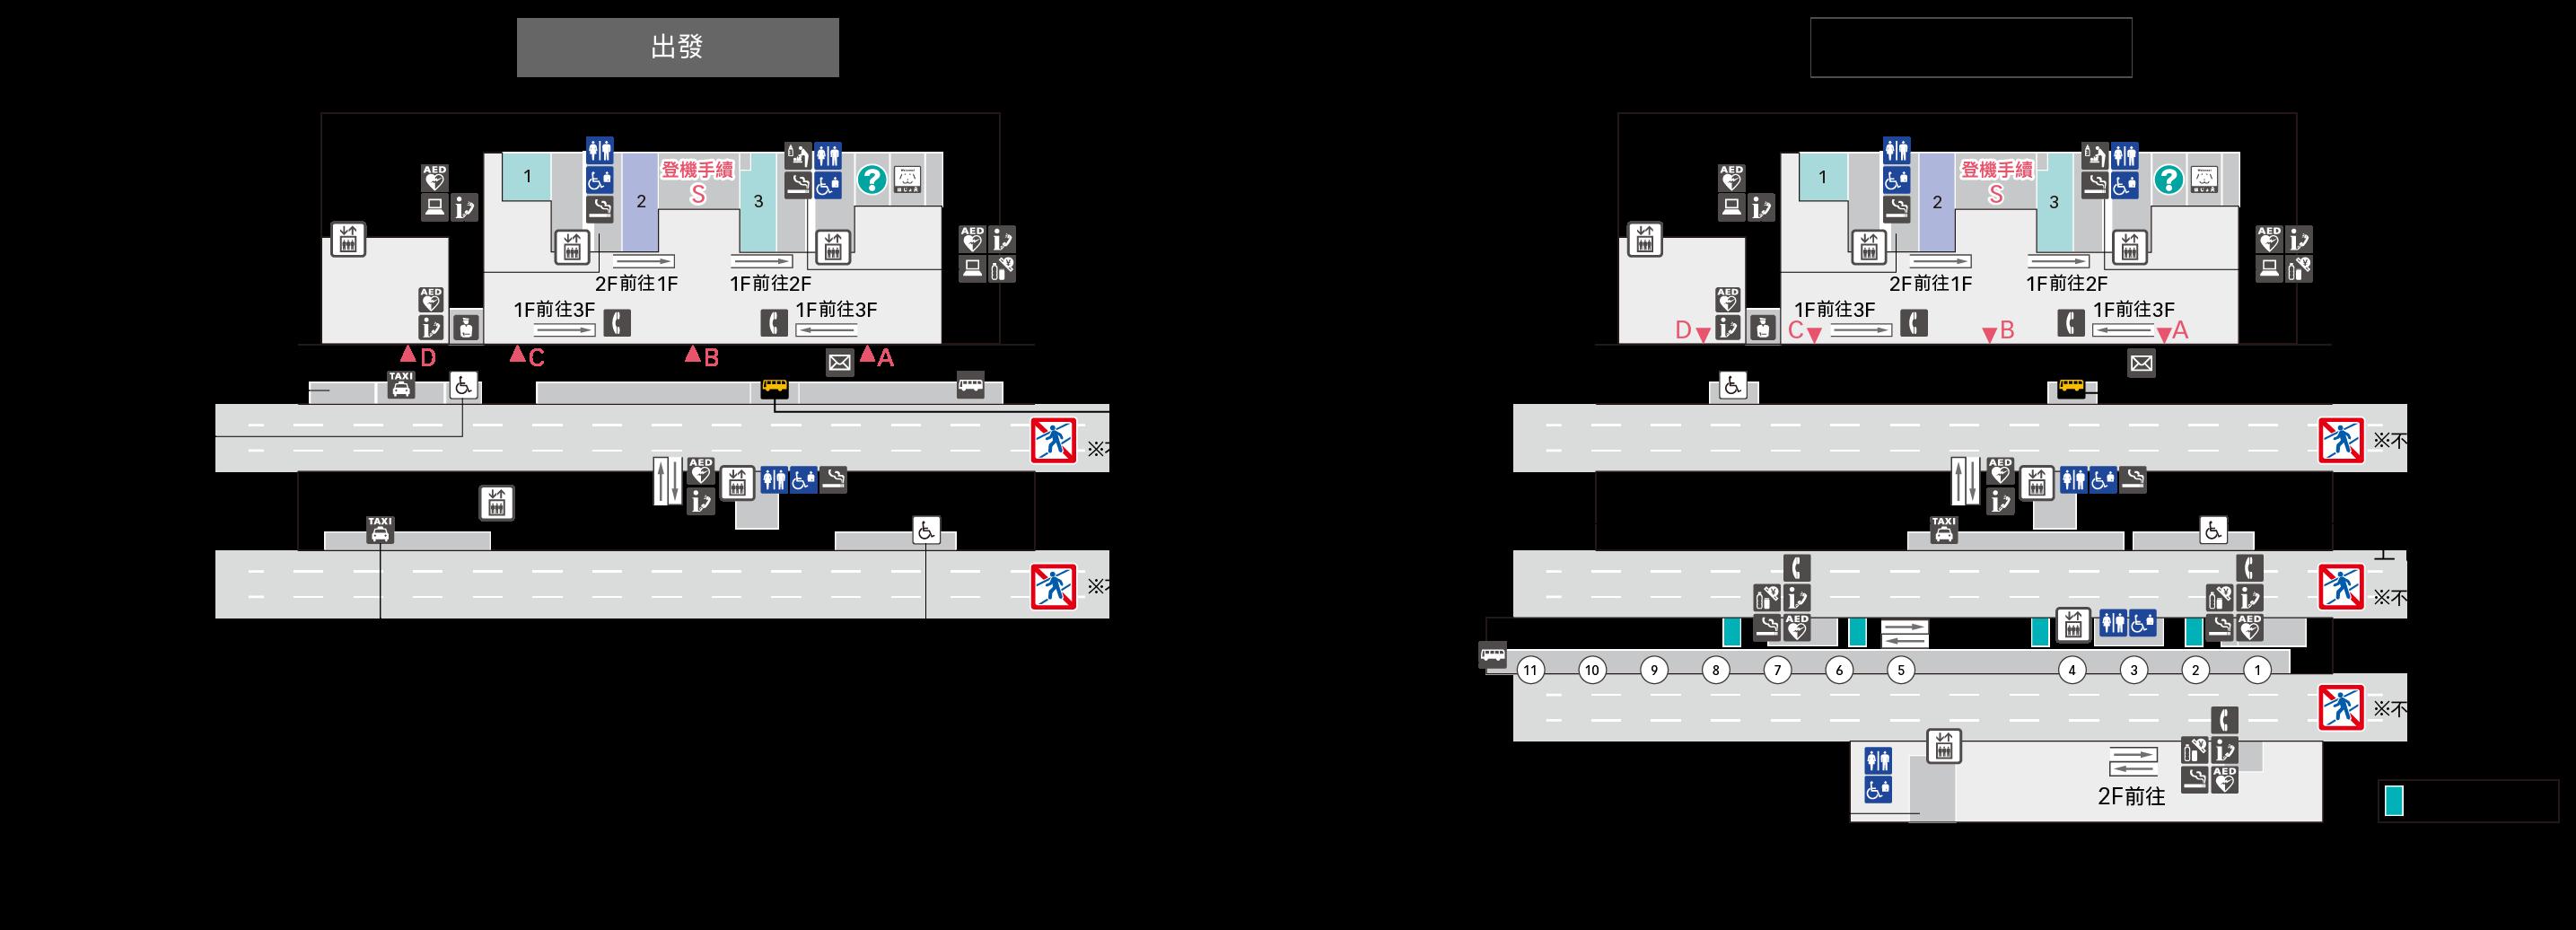 1F入口廣場樓層地圖